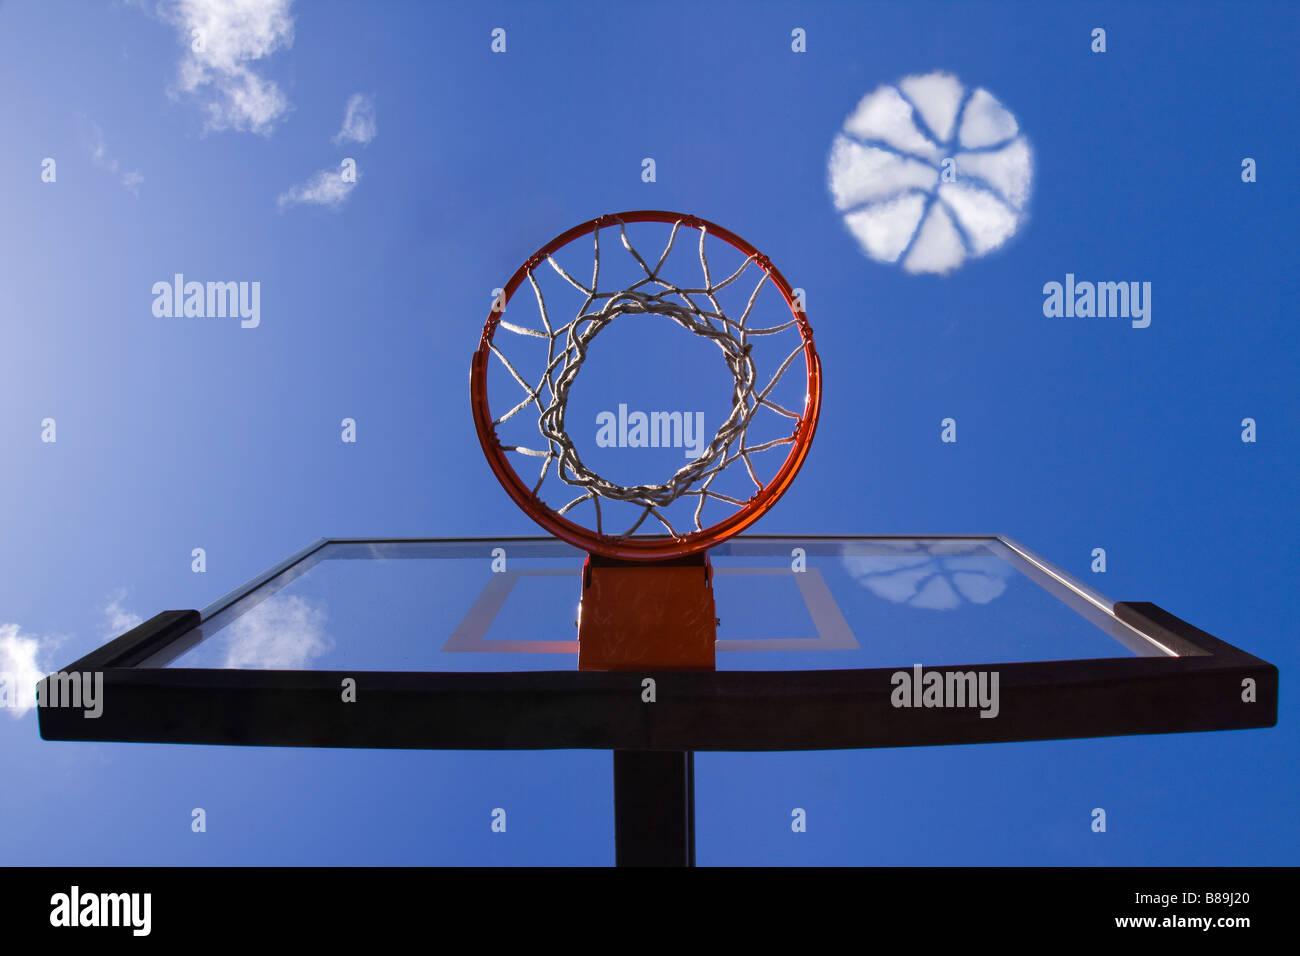 Nuvola in cielo nella forma di un pallone da basket che si avvicinano ad un Basketball hoop come se si è in Immagini Stock